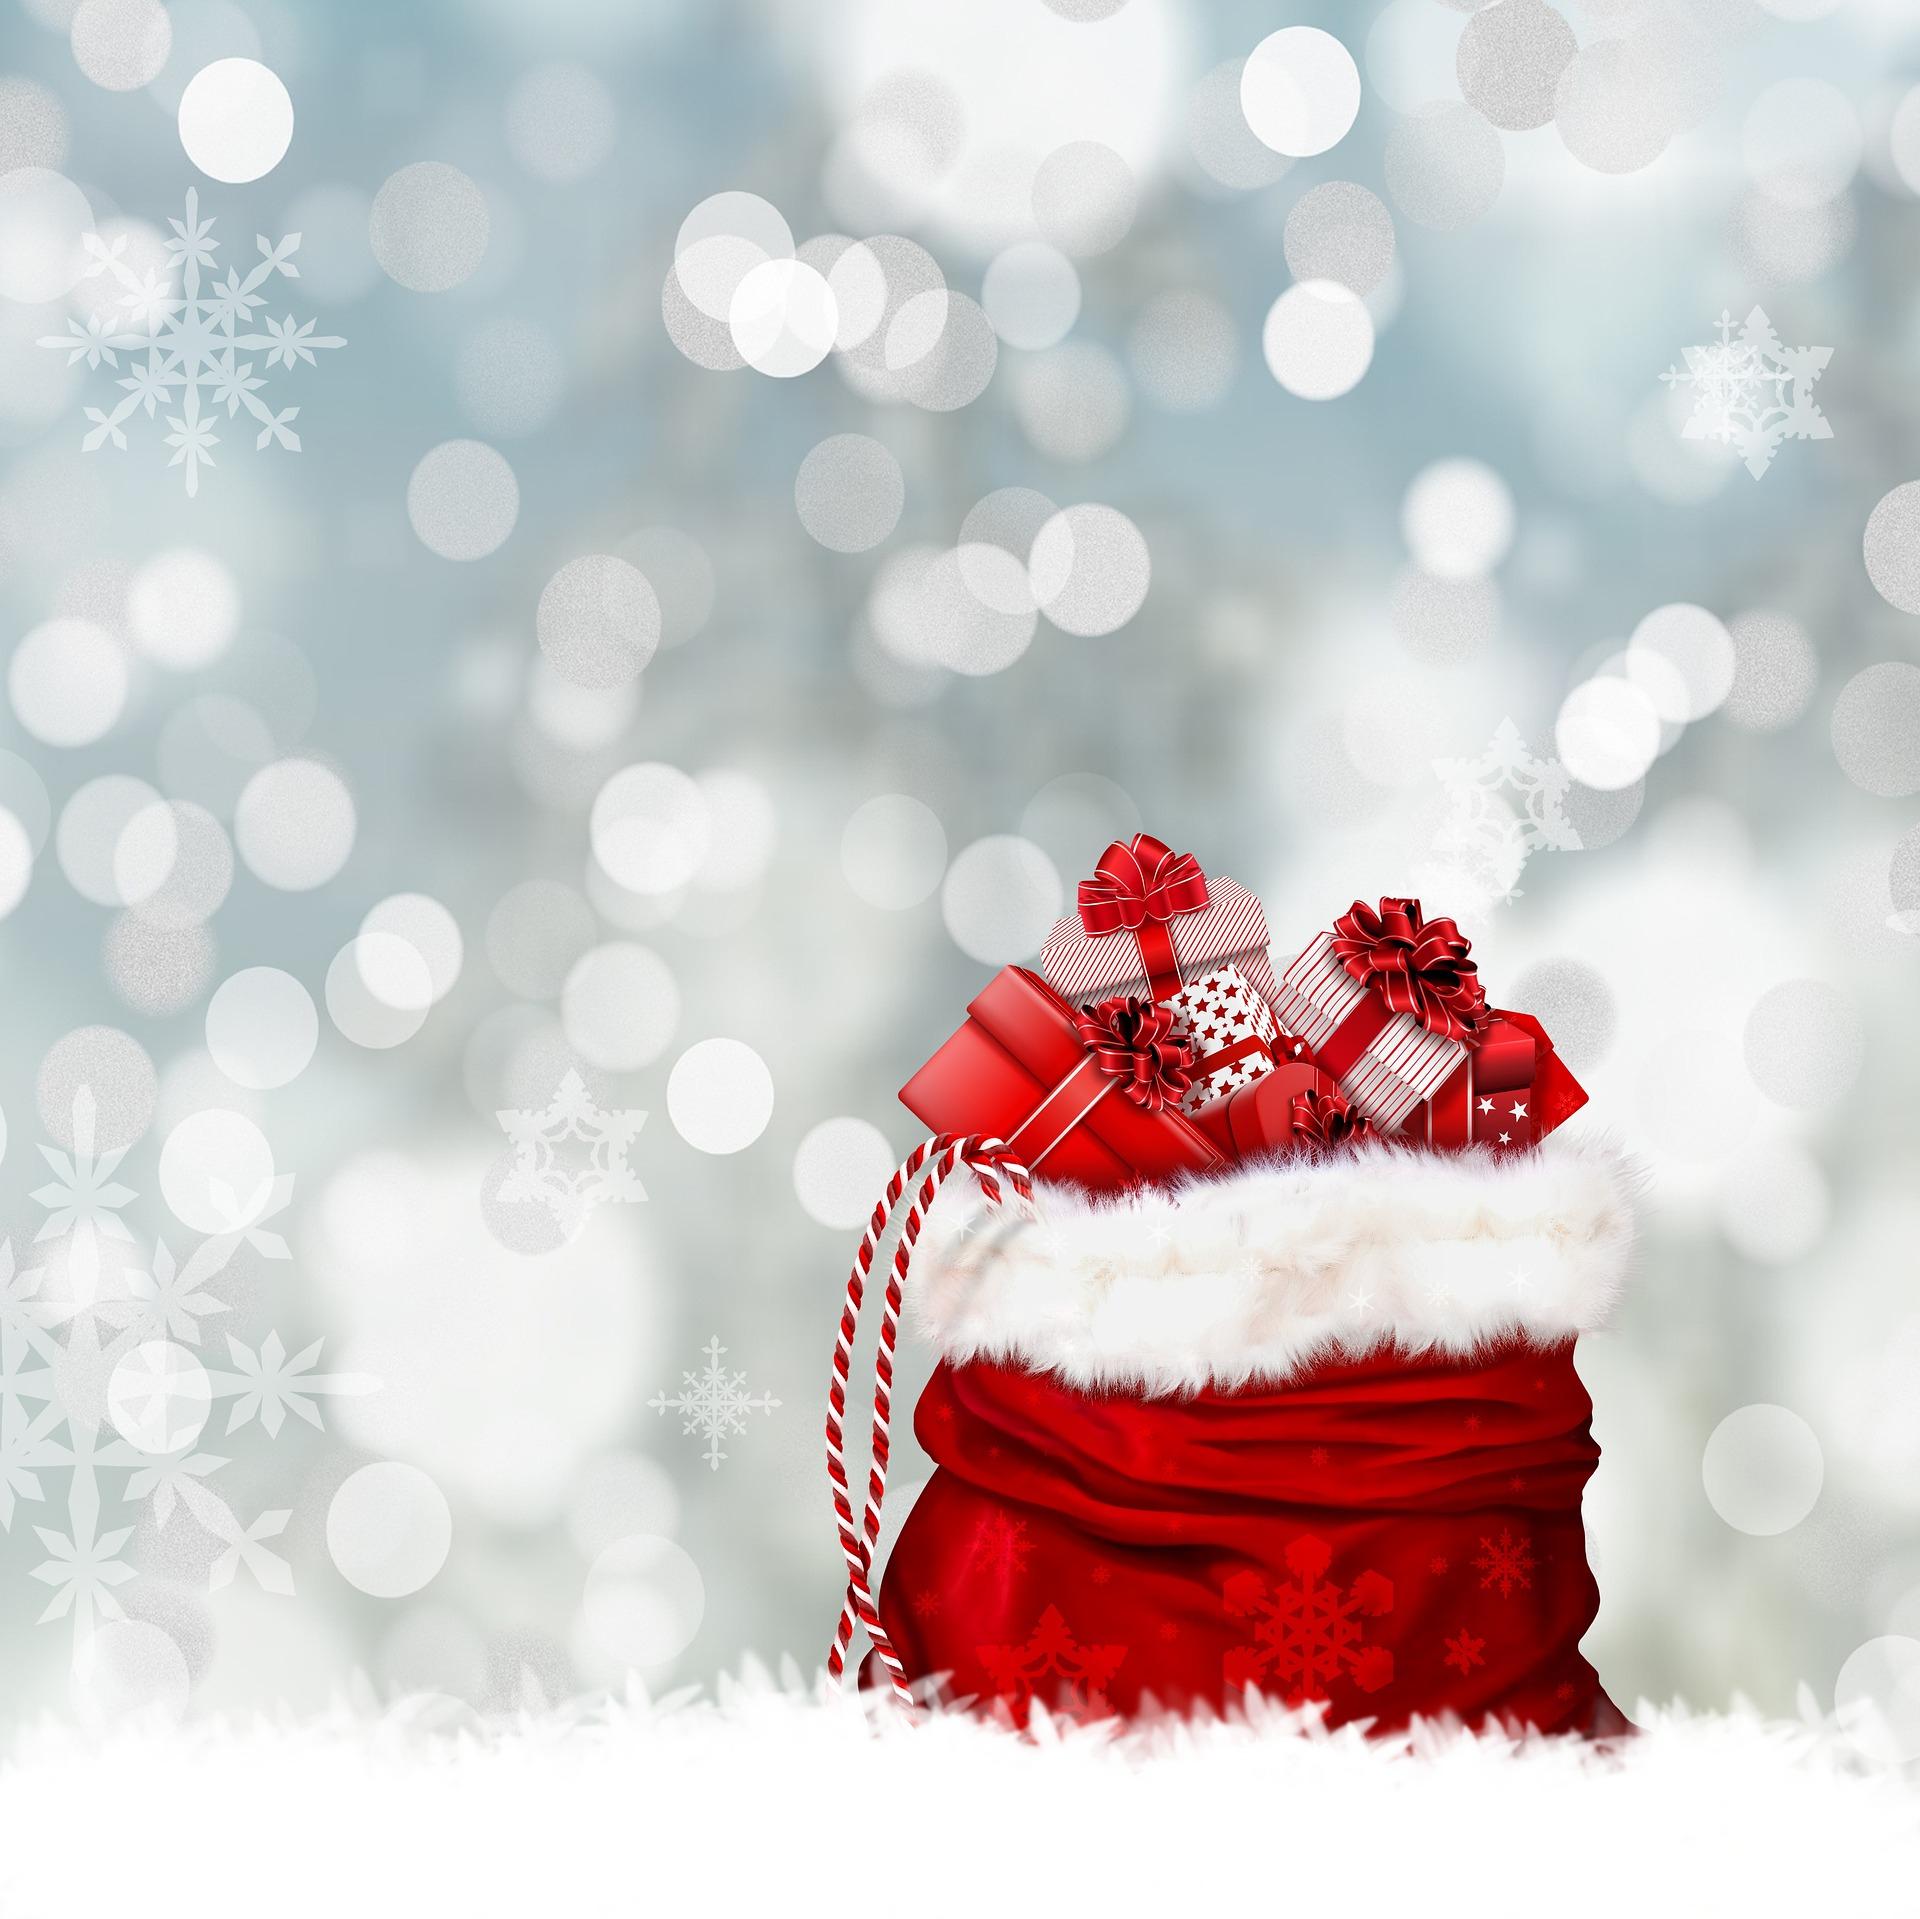 Weihnachtshintergrundbilder Zum Herunterladen bei Kostenlose Weihnachtsmotive